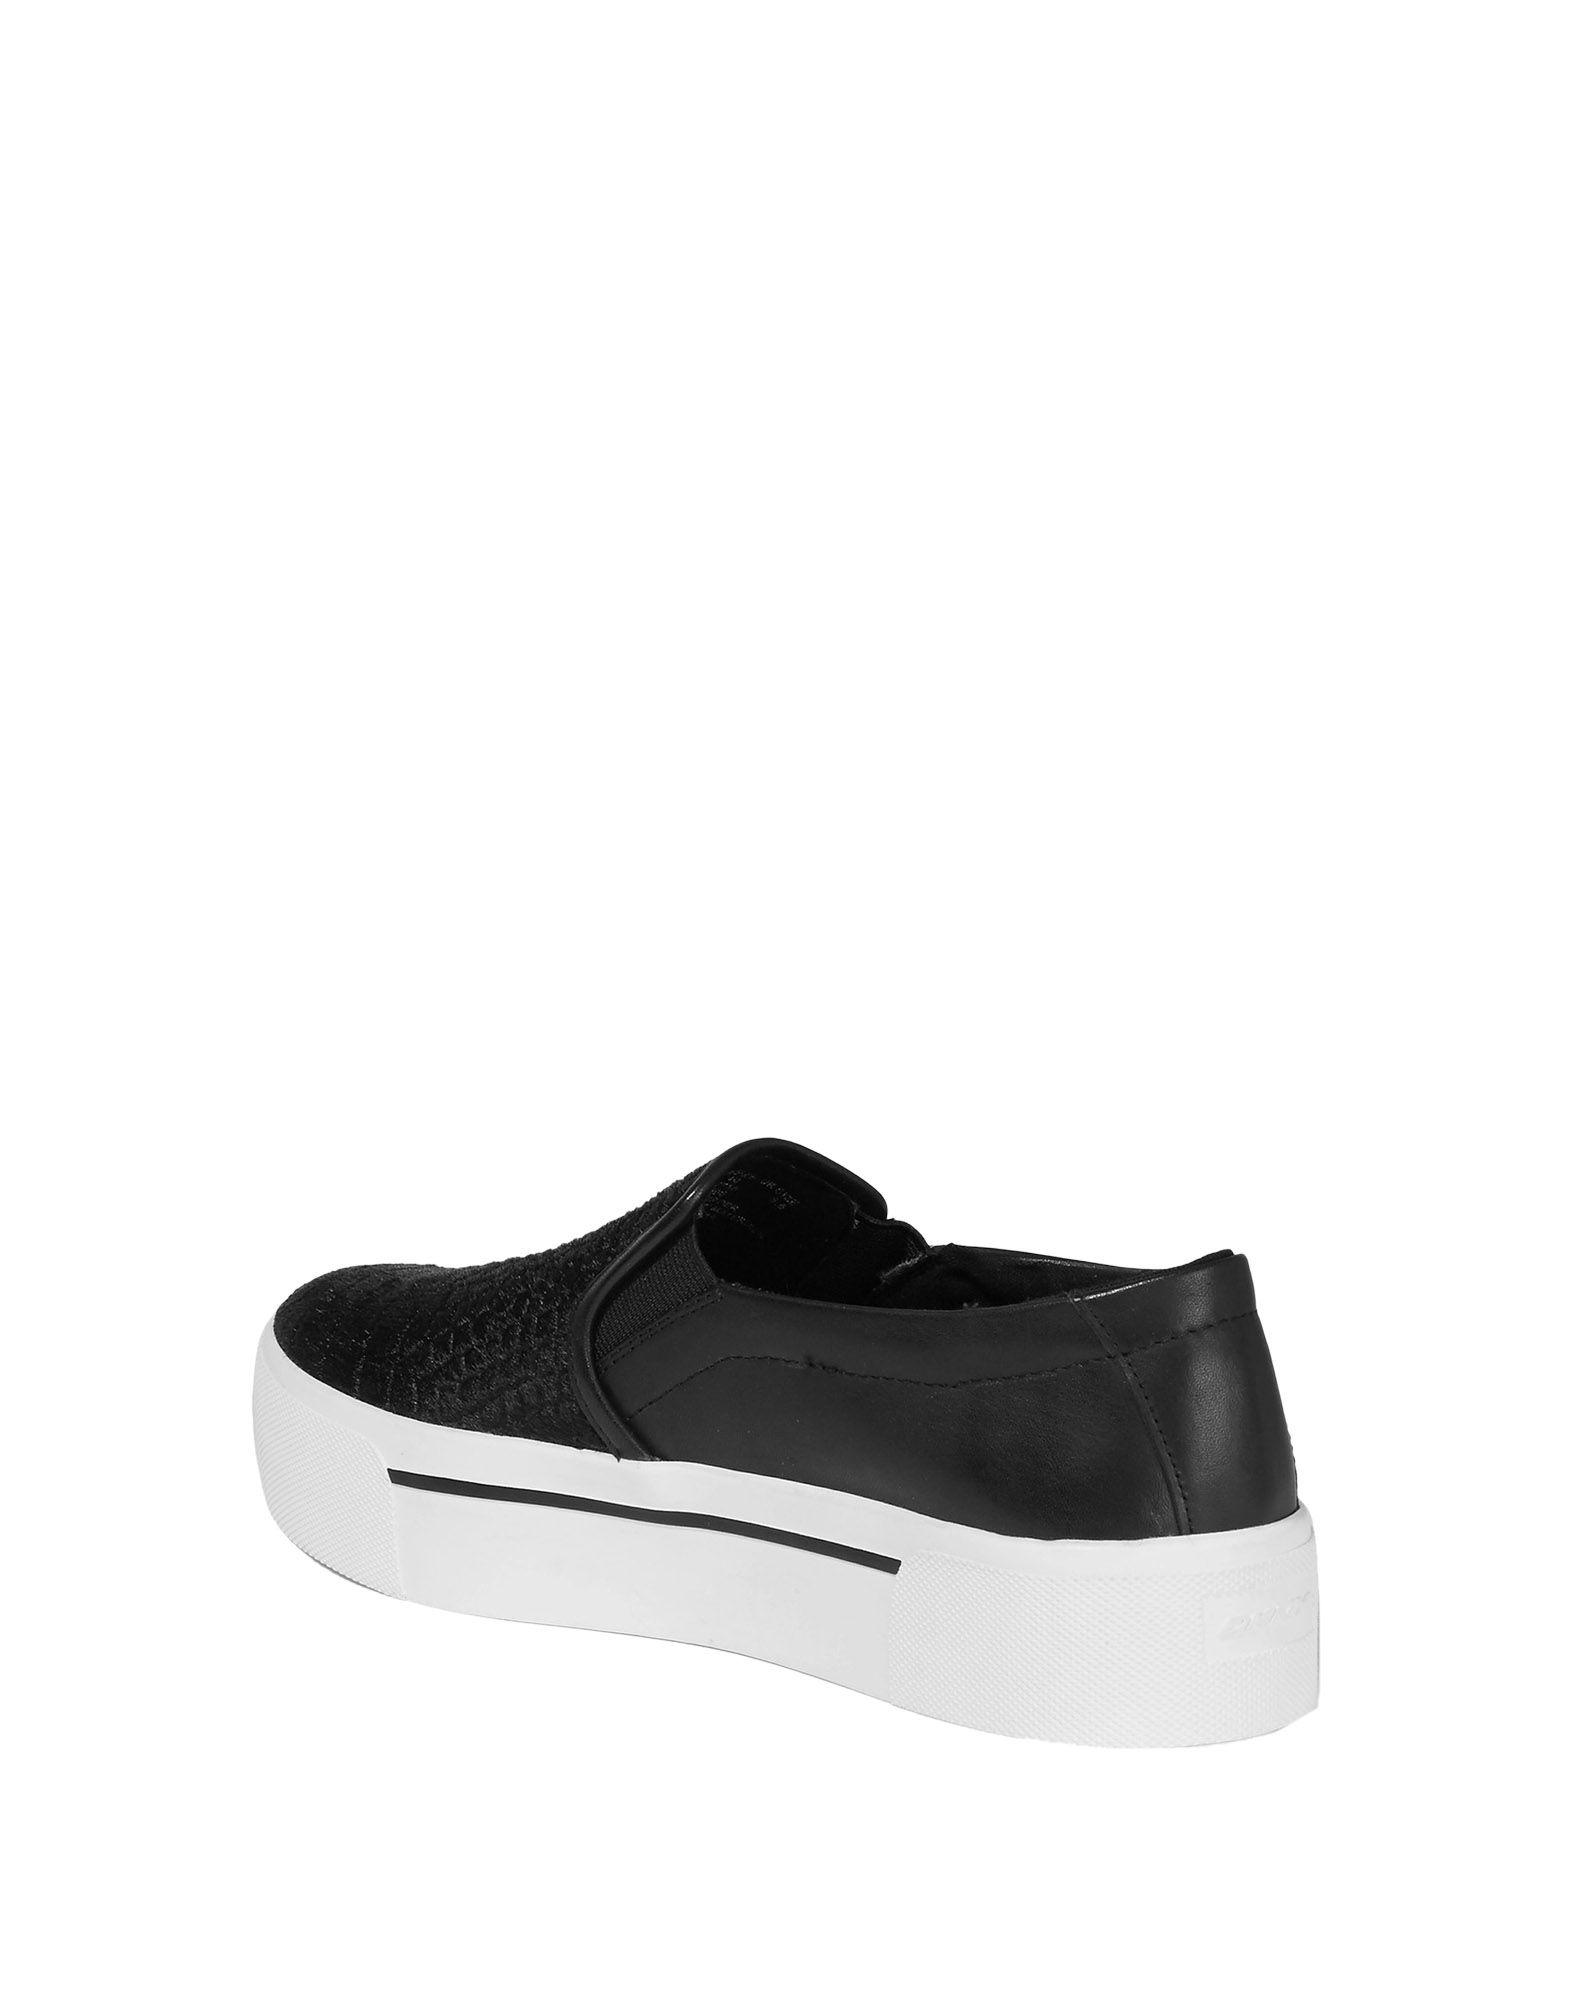 Dkny Sneakers Damen Damen Damen  11524134XK Gute Qualität beliebte Schuhe 57d936